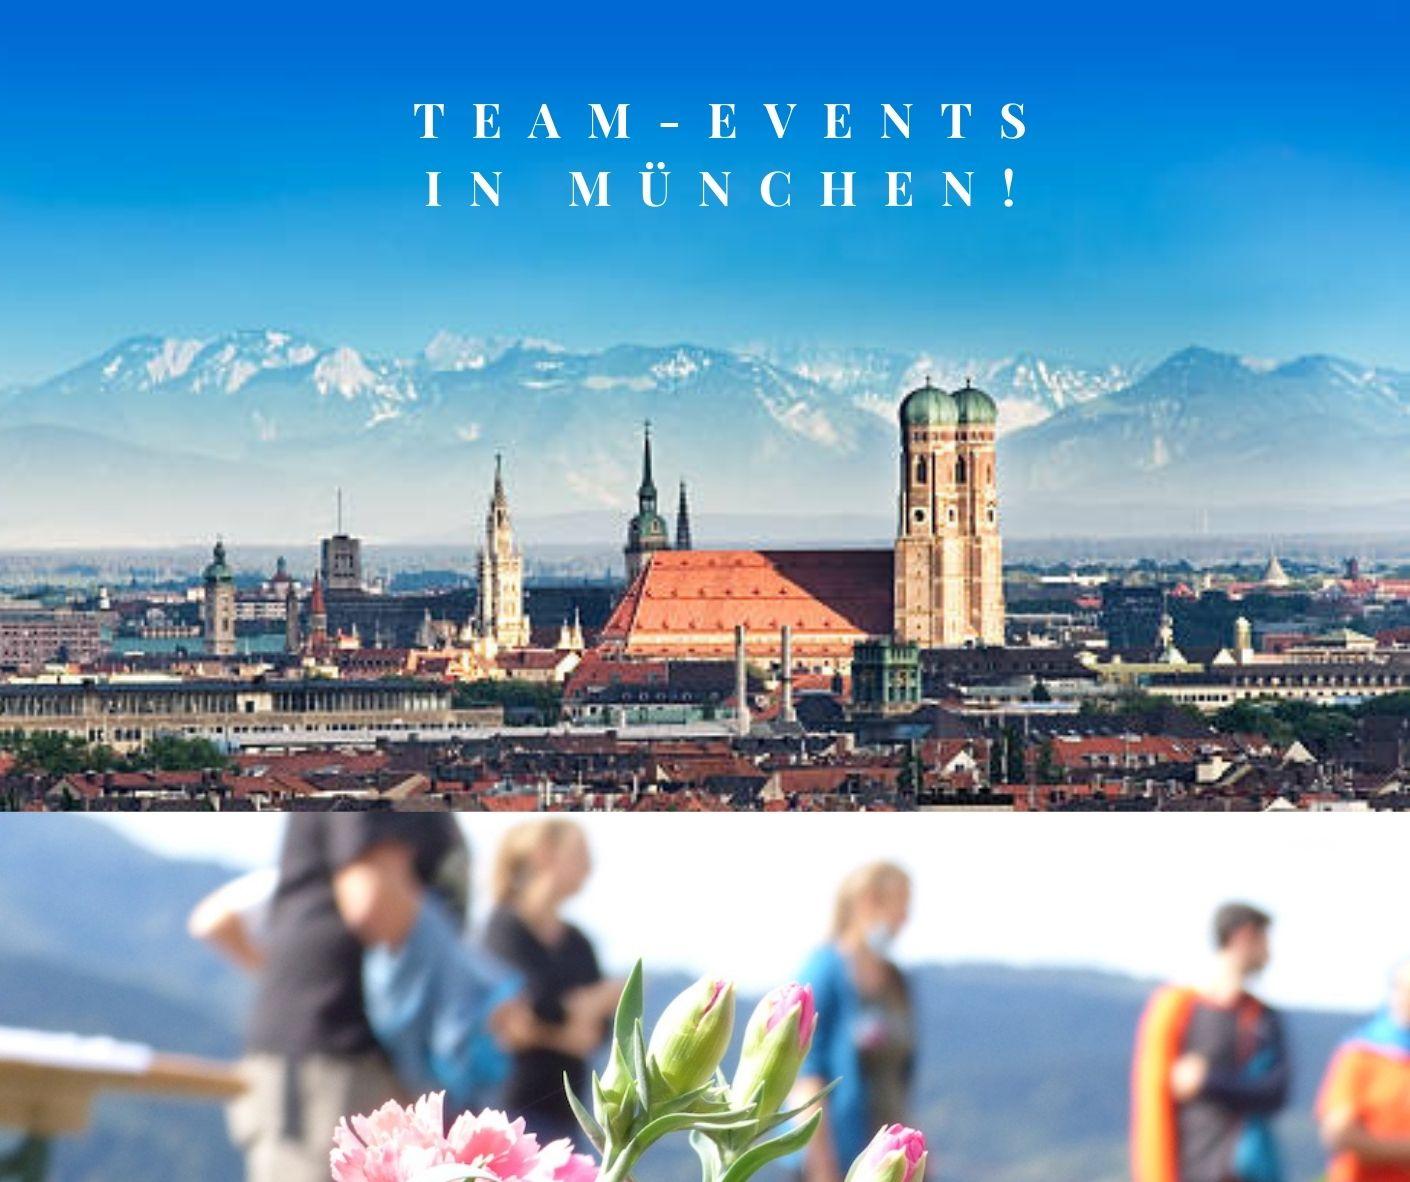 Teamevents in München – Die besten Ideen für Ihr Team Event